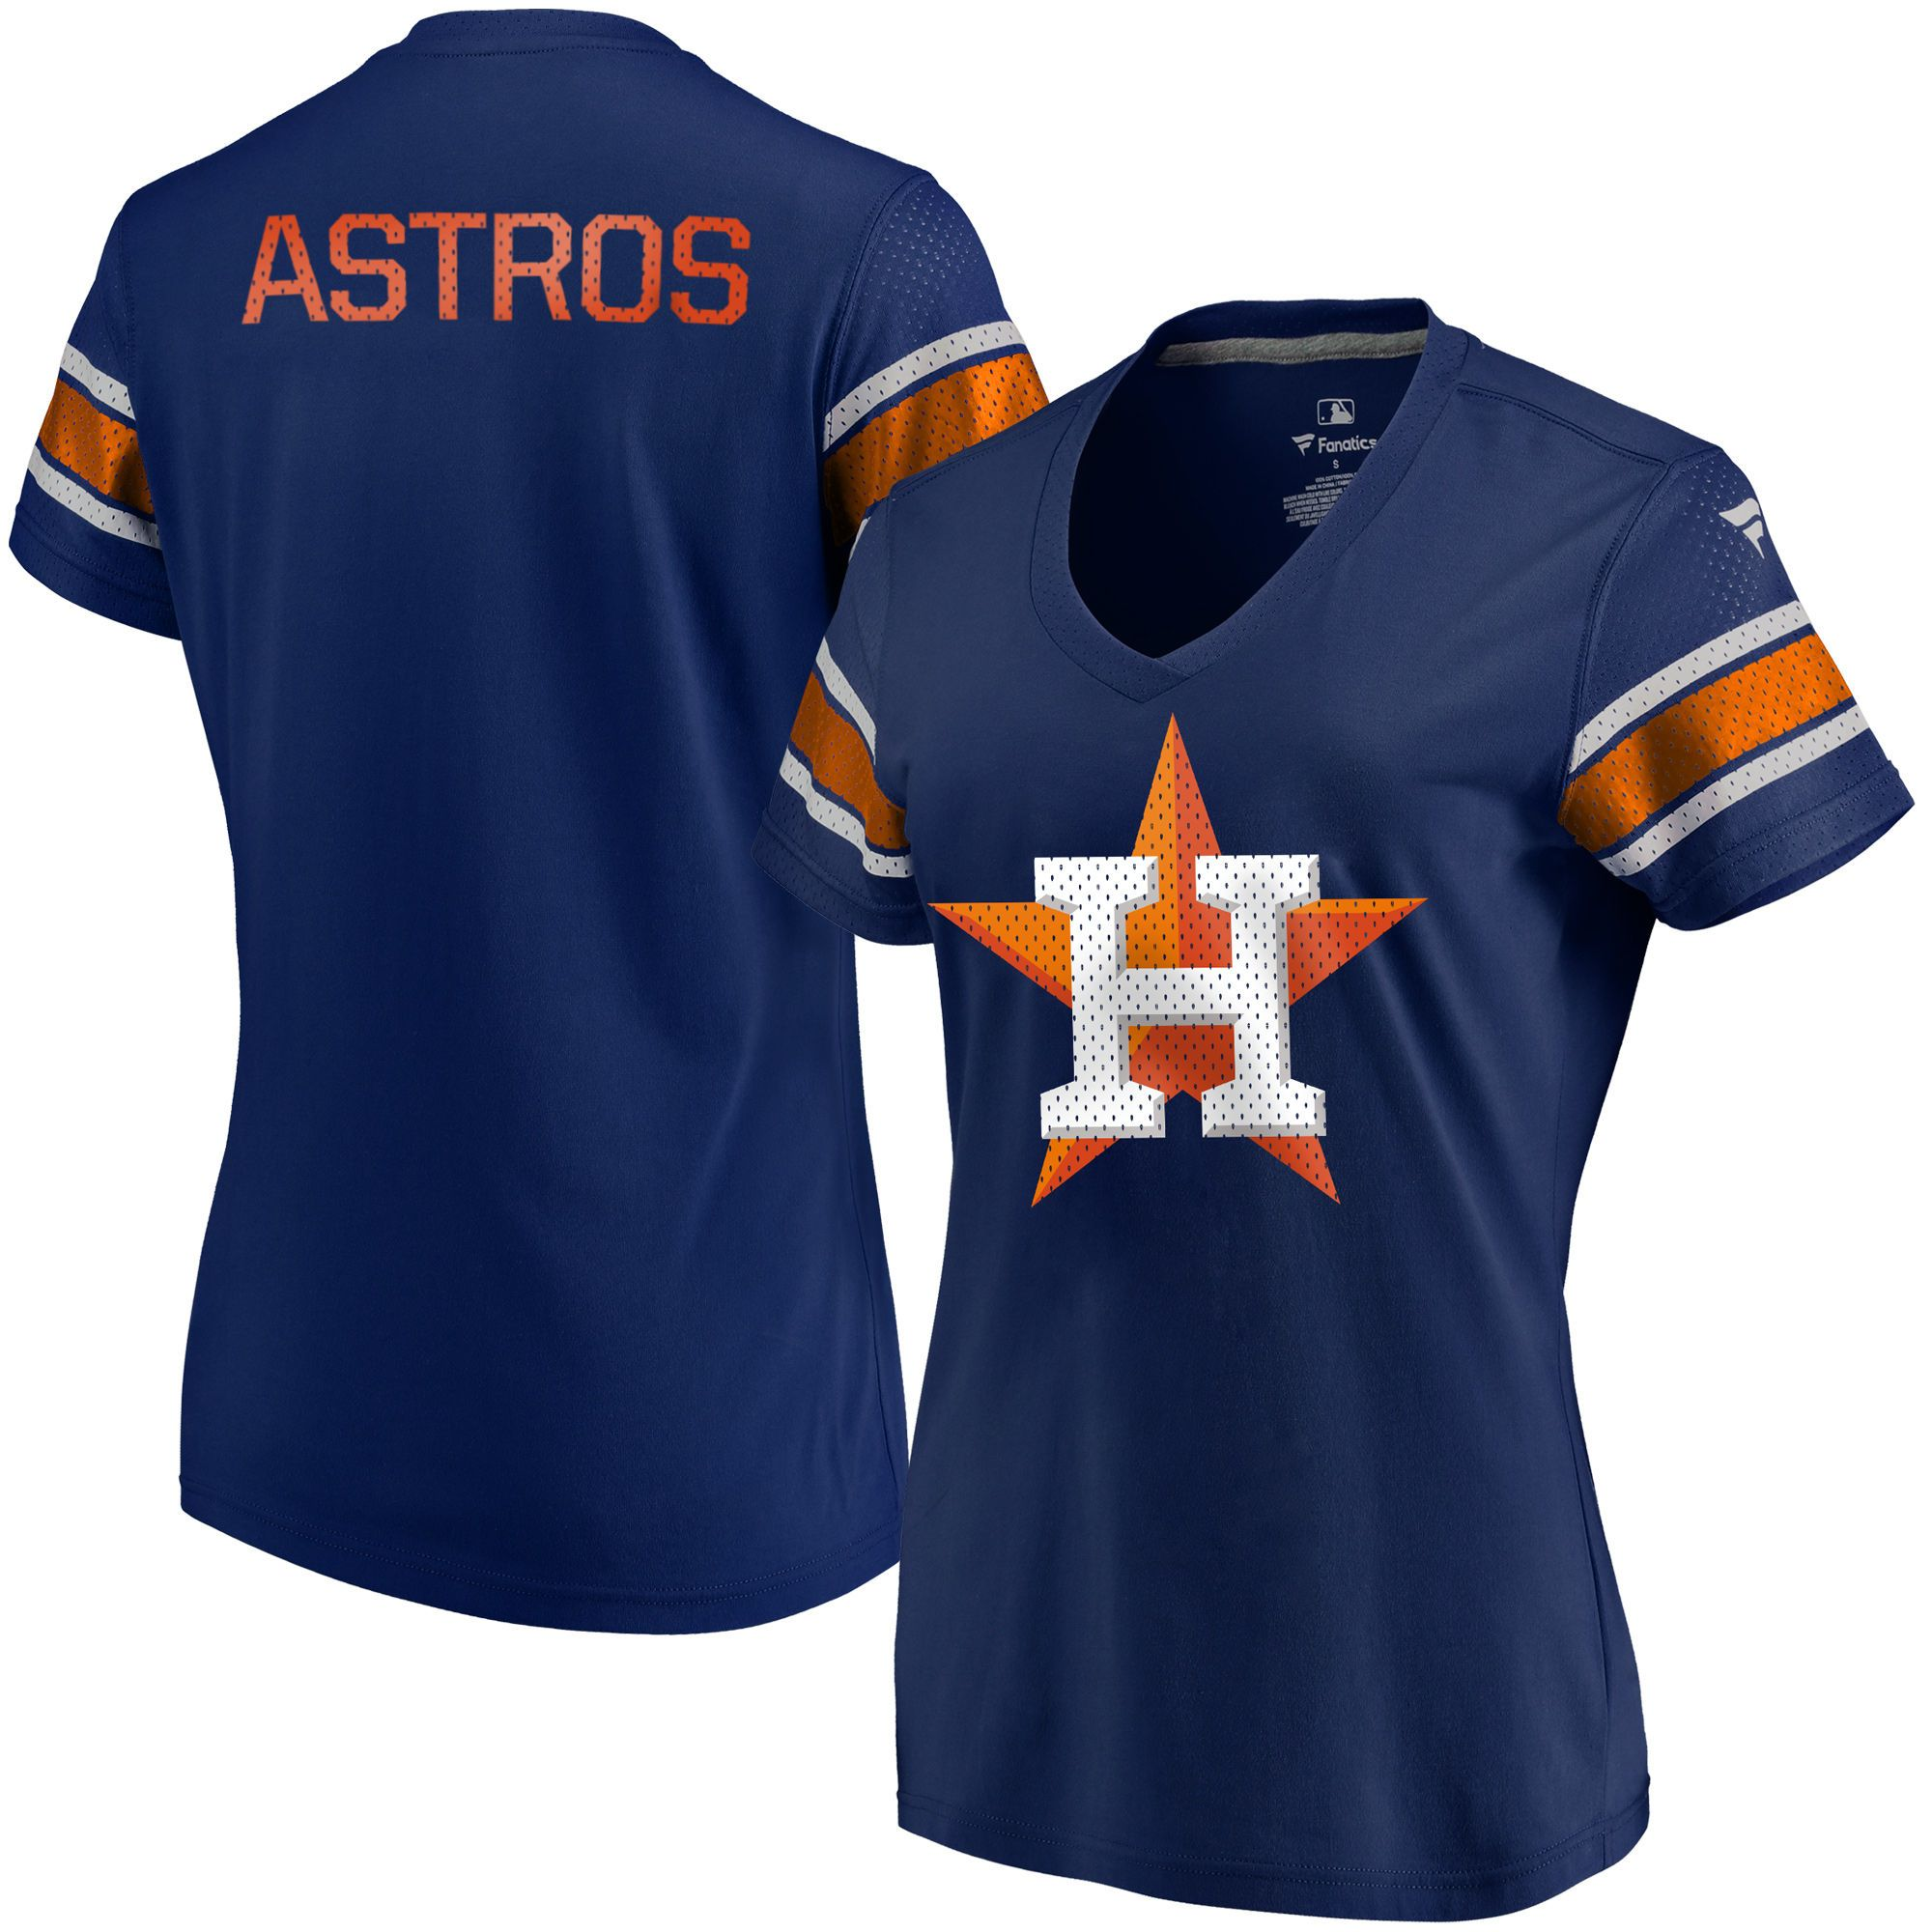 Fanatics Branded Houston Astros Women's Navy Iconic V-Neck T-Shirt